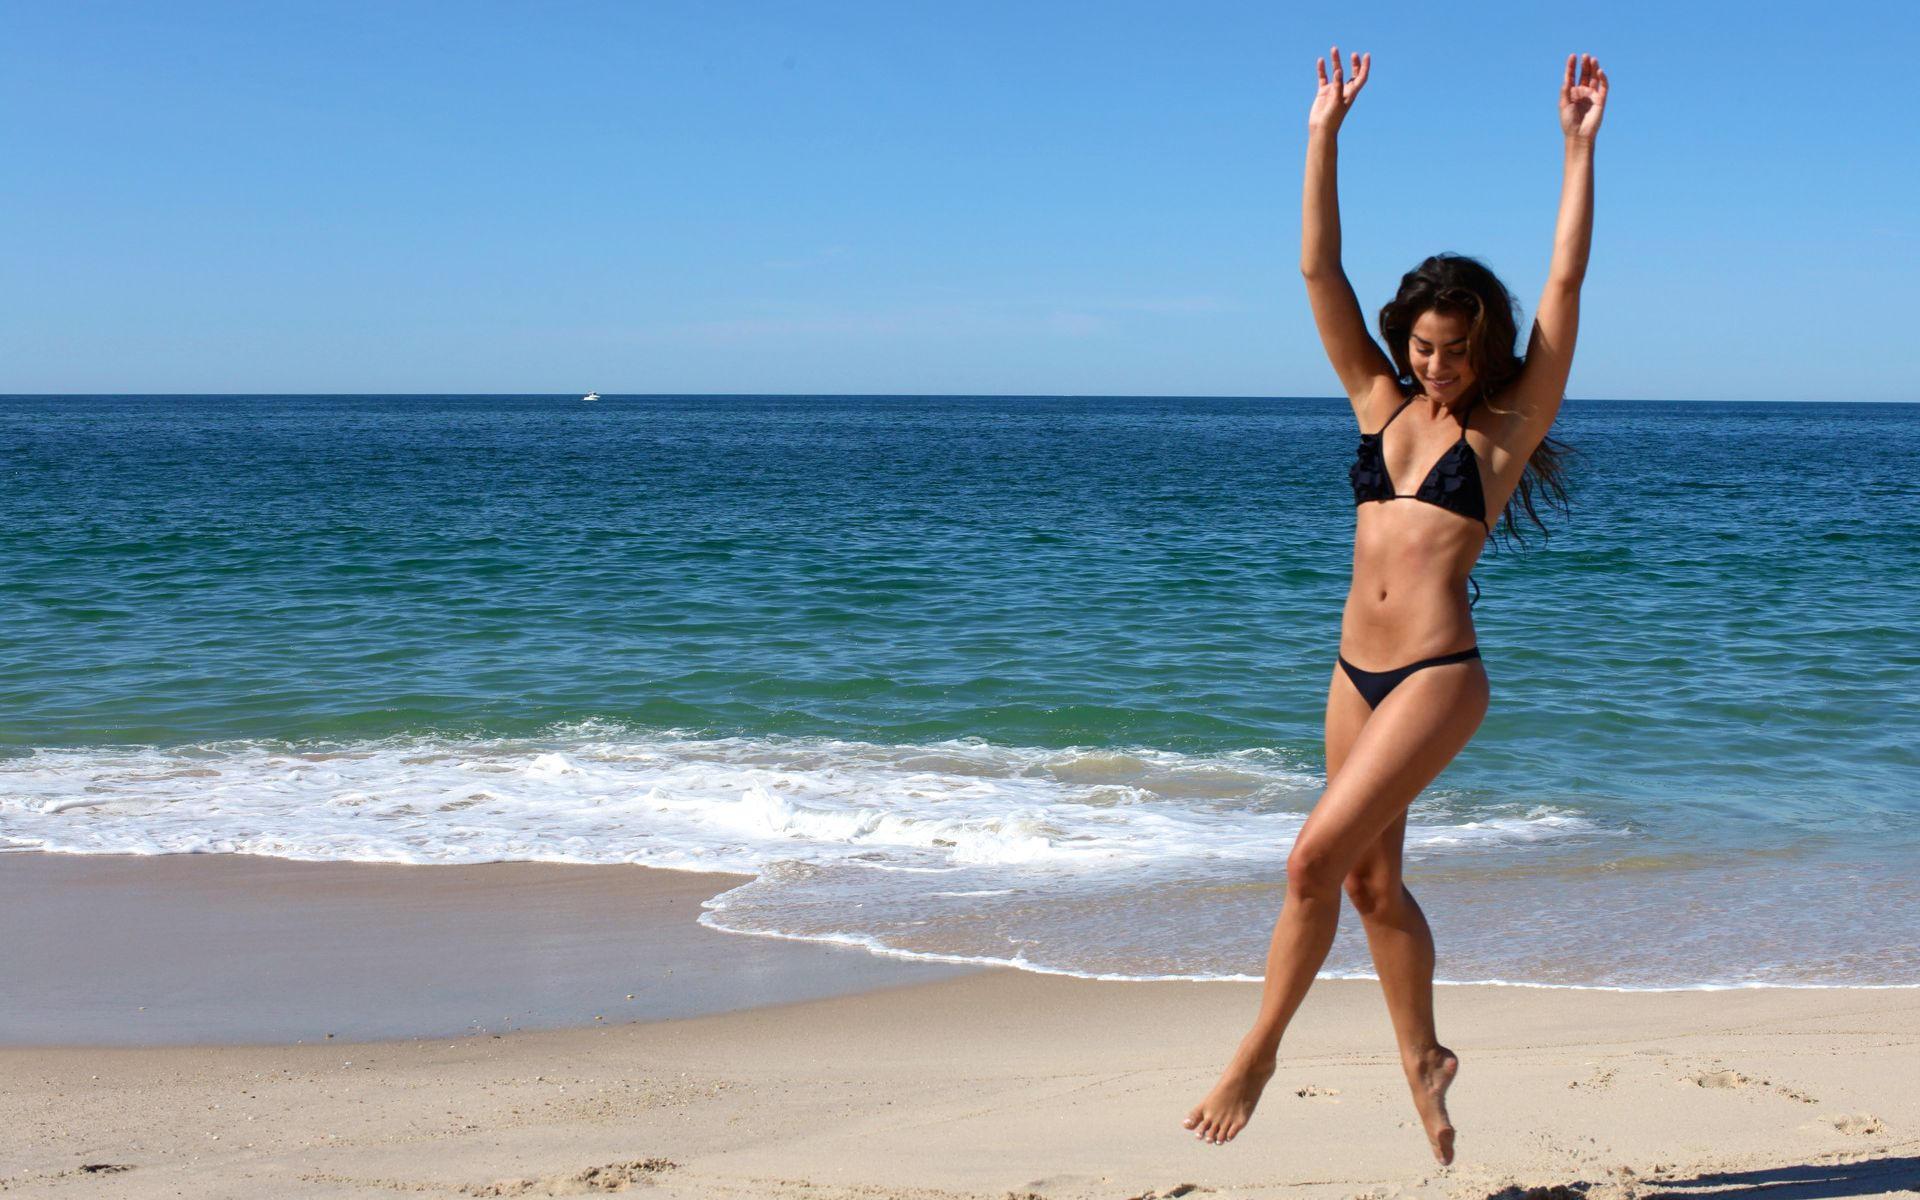 фото девушек на пляже турции уставе итальянской